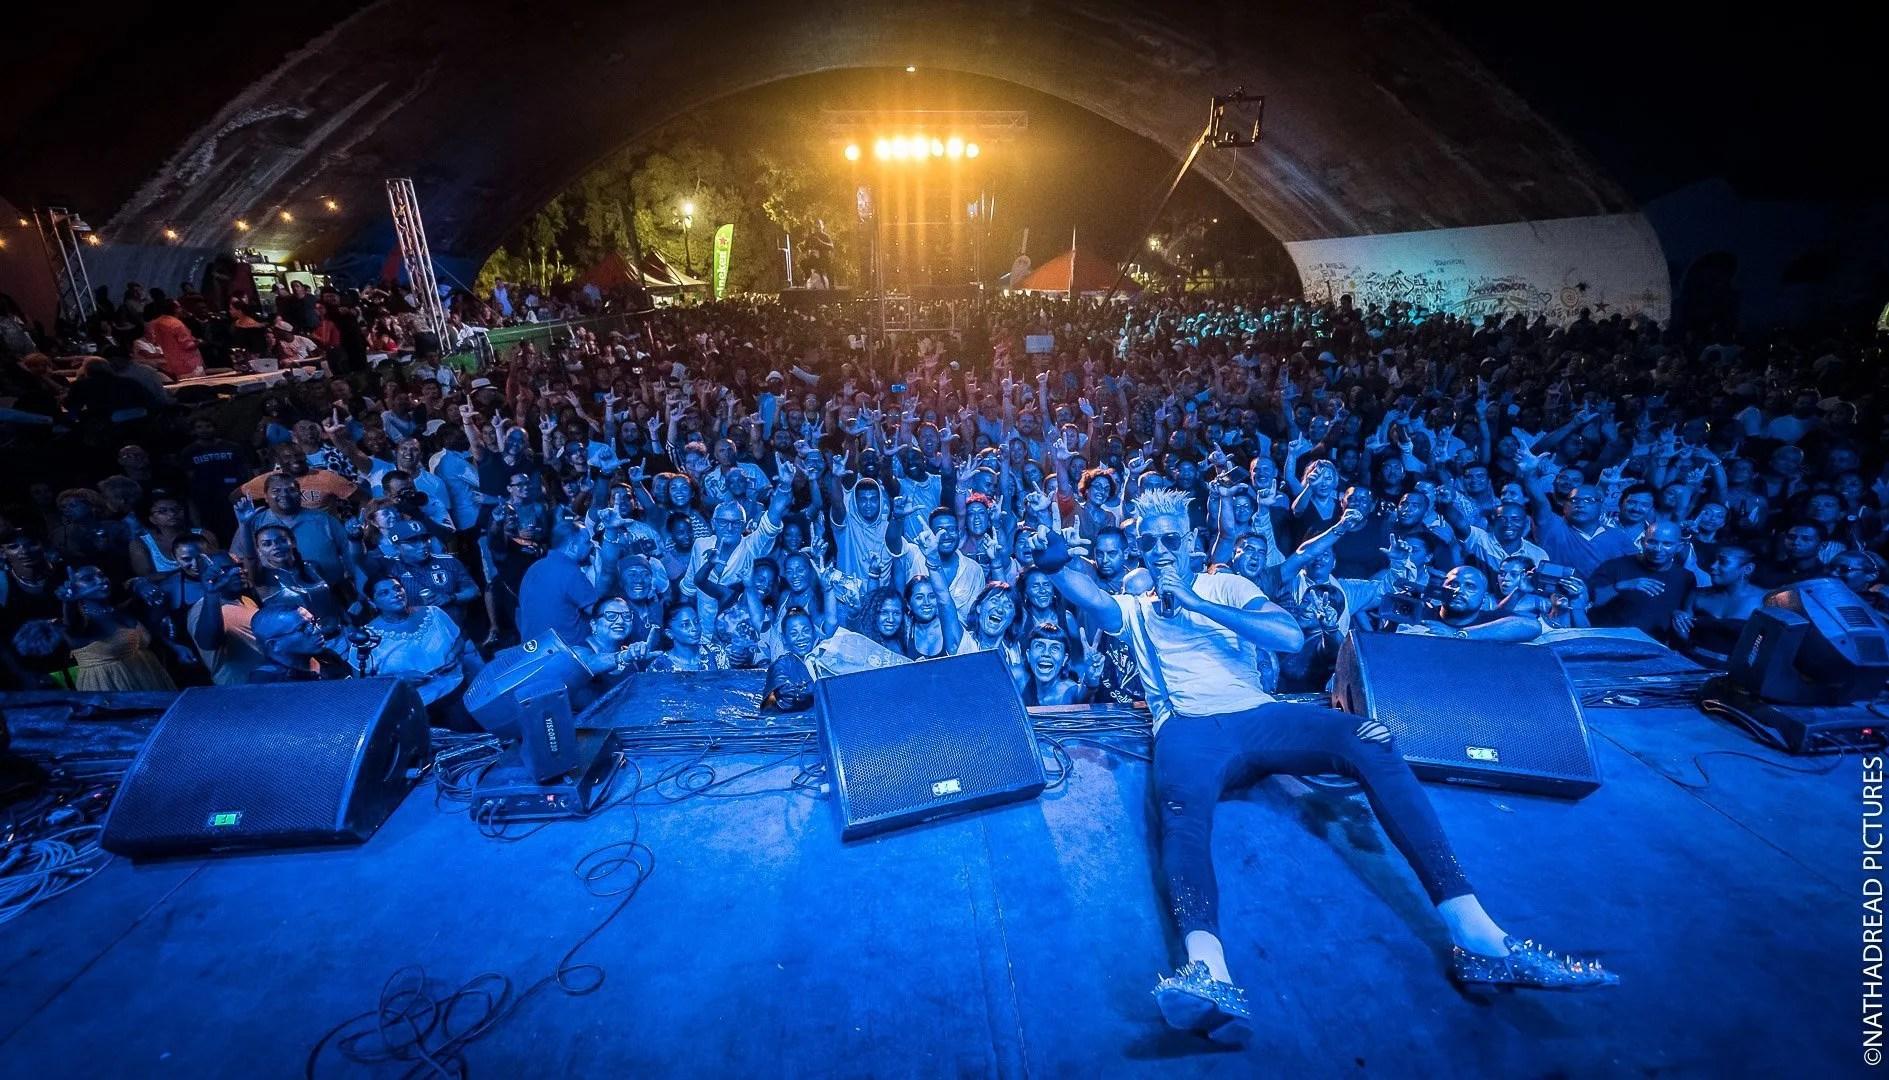 Festival de la Salsa 2019, Parque Metropolitano de La Habana. Foto: NATHADREAD PICTURES